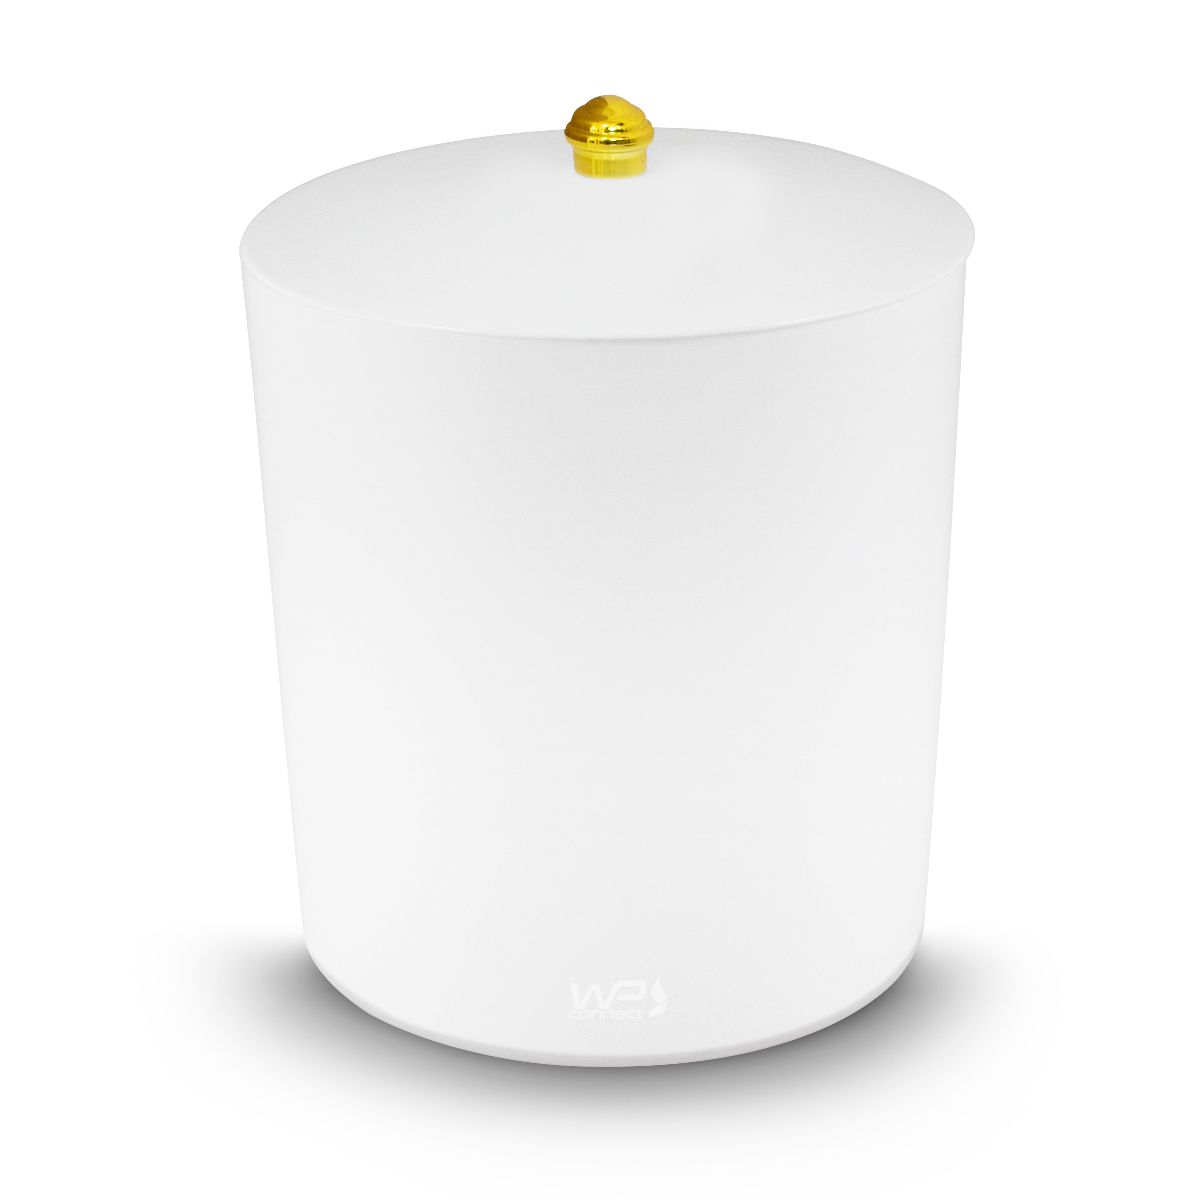 Lixeira Multiuso 5 Litros Puxador Dourado Banheiro